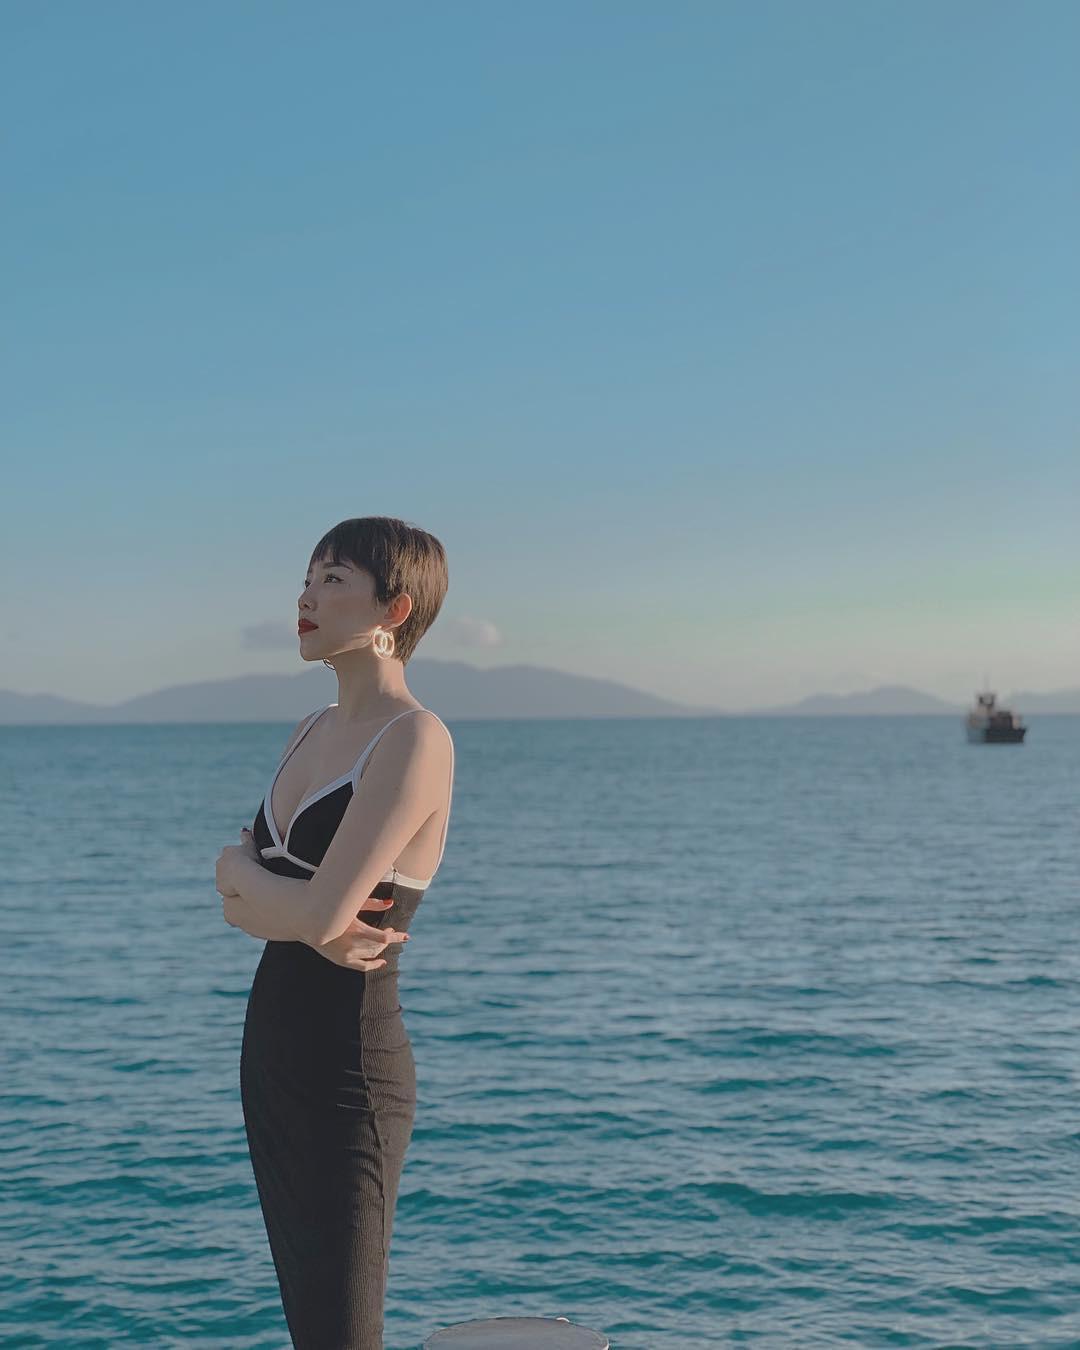 Sở hữu body đỉnh như Tóc Tiên thì ai cũng muốn đi biển 1 ngày, mặc đủ loại bikini chụp hình đăng cả tháng - Ảnh 9.